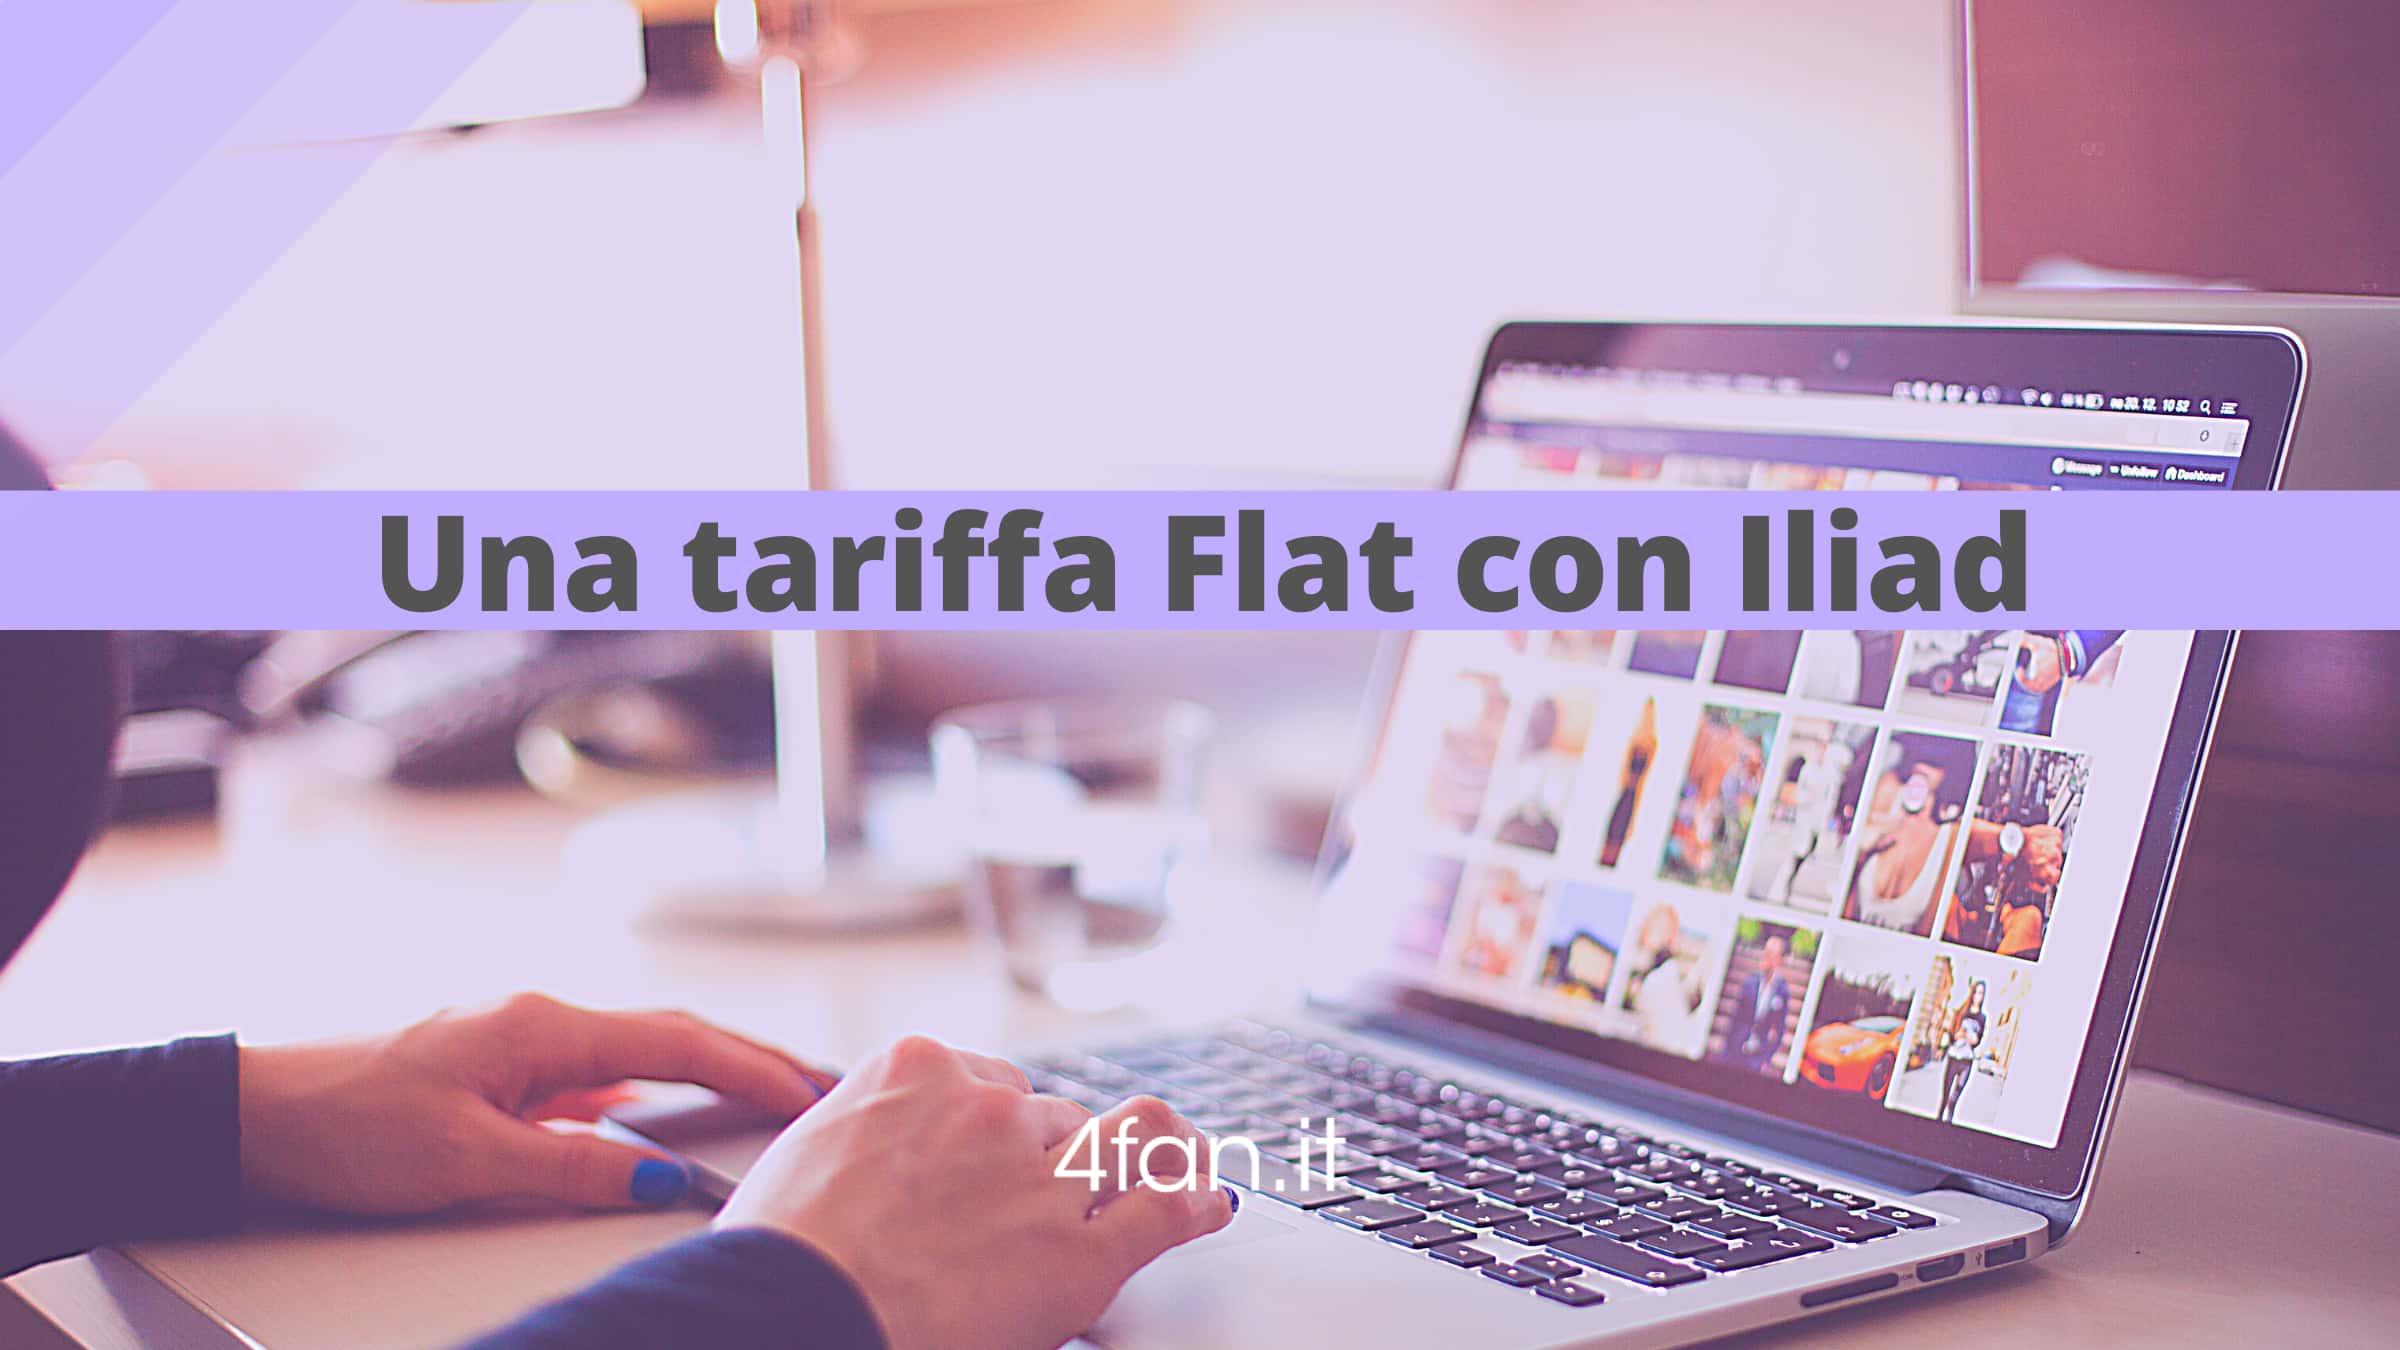 Iliad tariffa flat